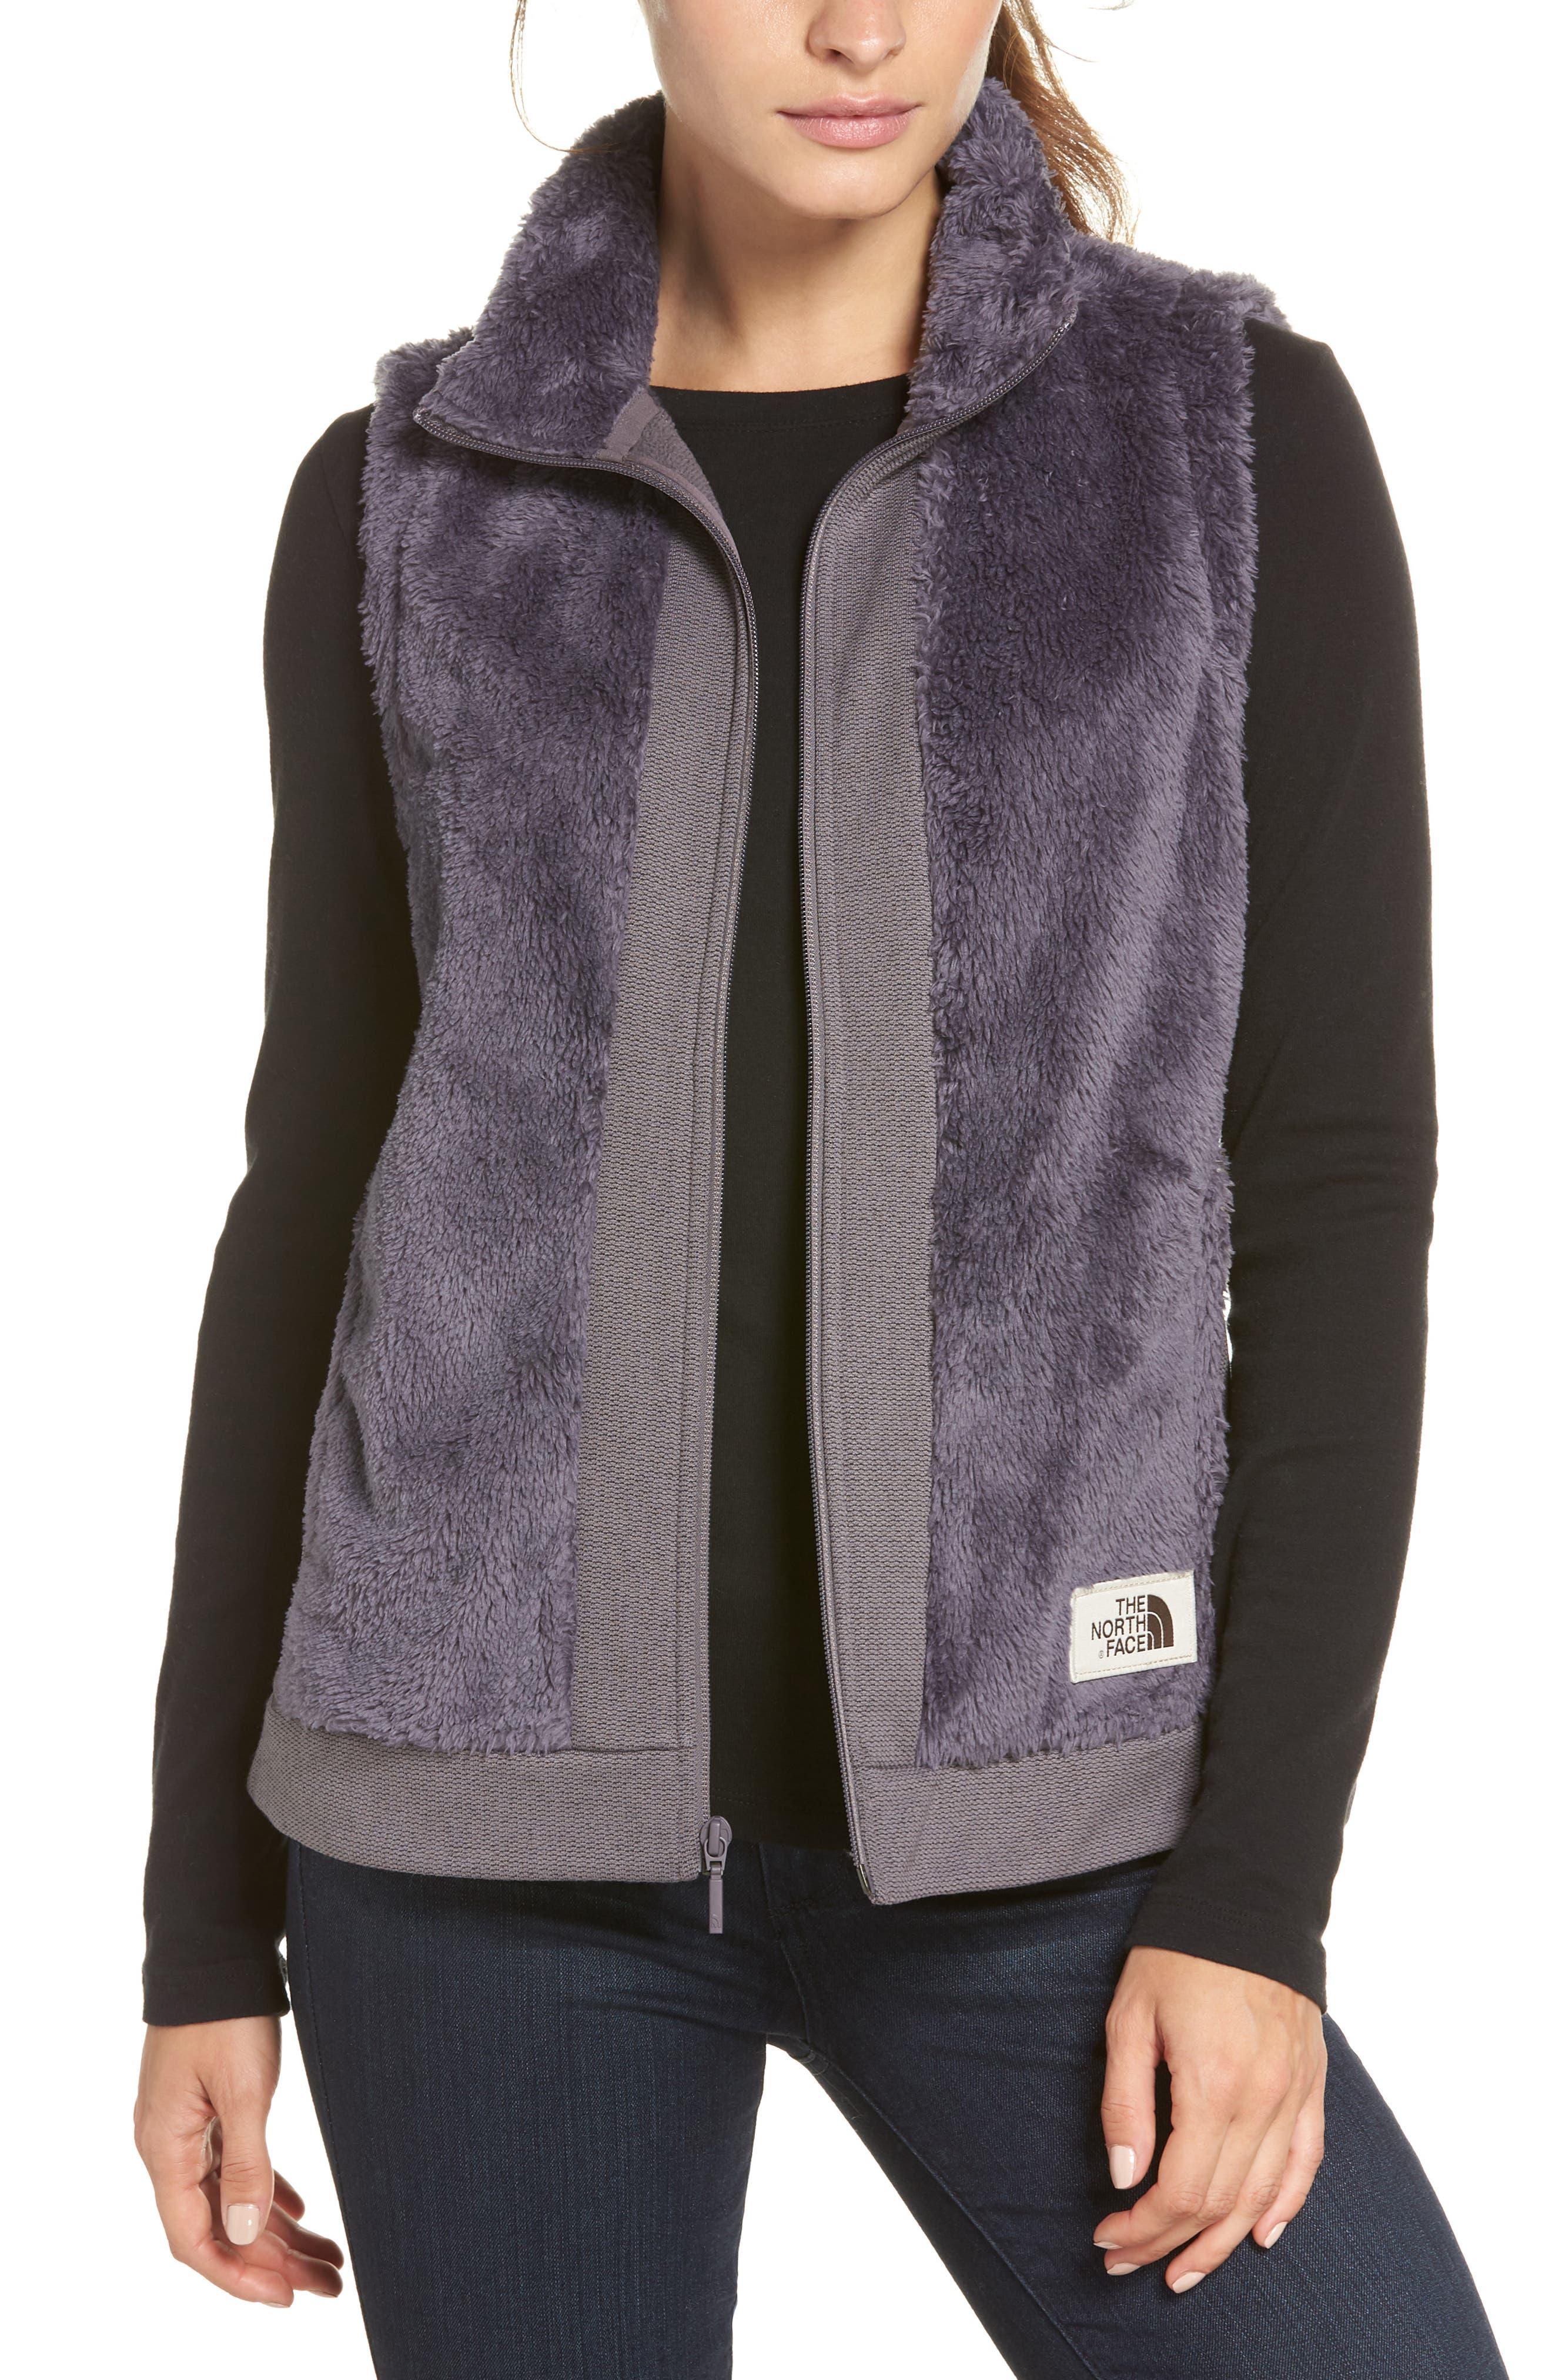 THE NORTH FACE Faux Fur Vest, Main, color, 021